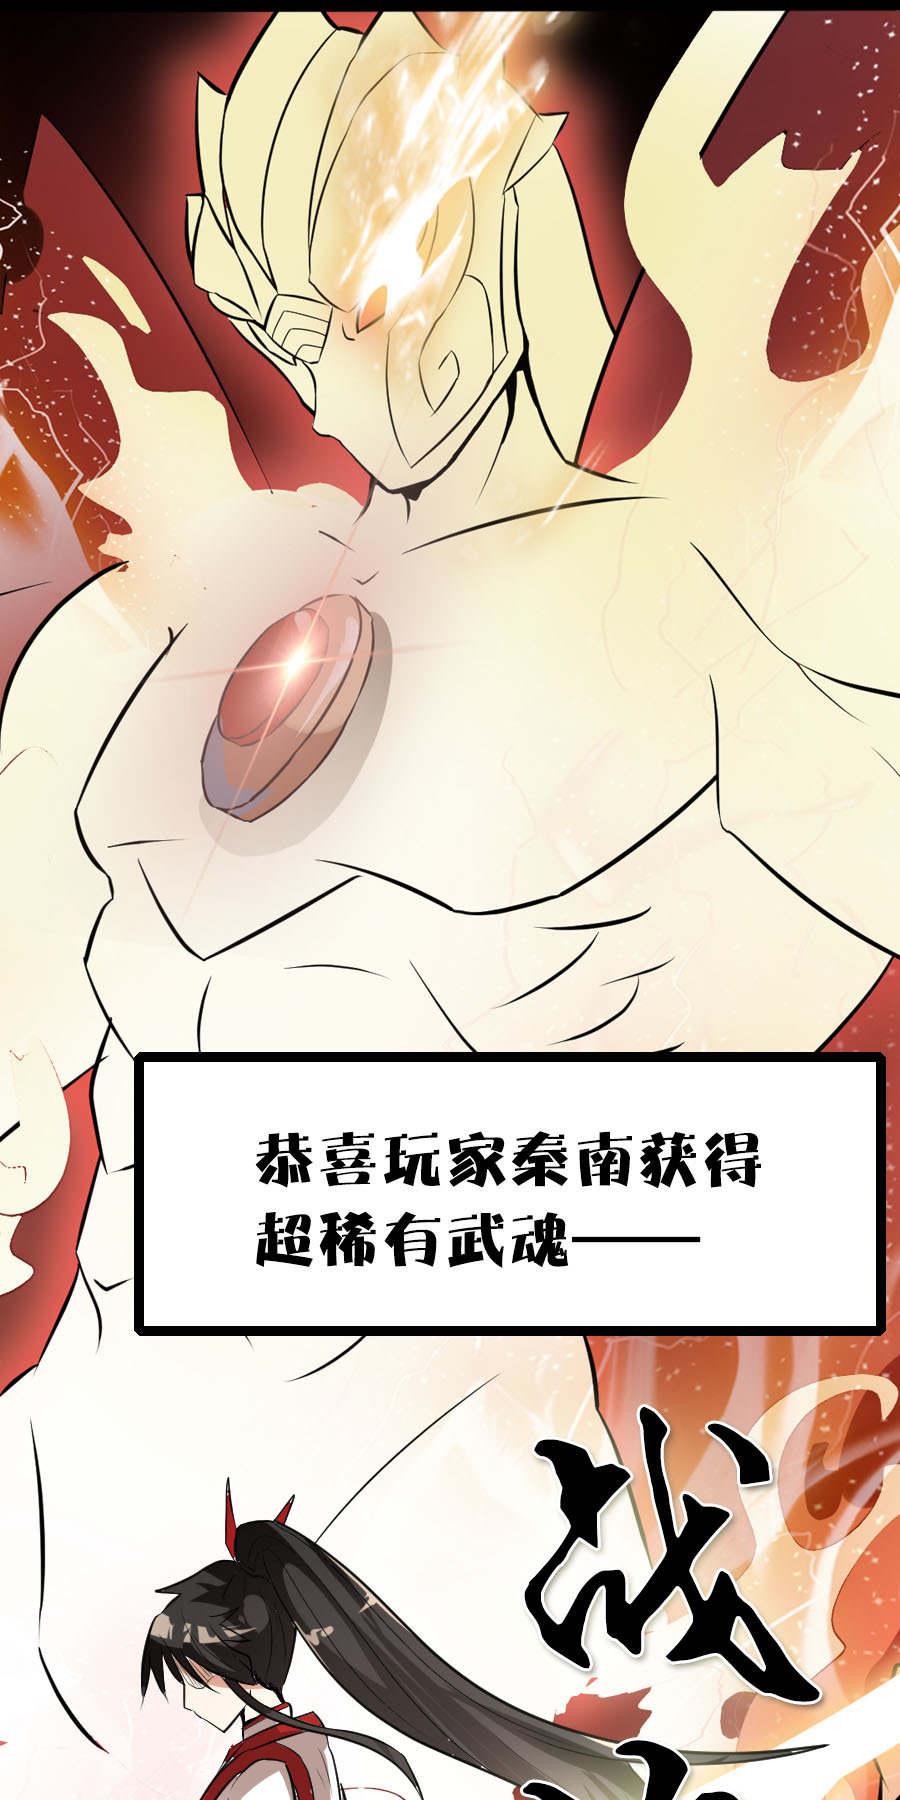 绝世战魂第1话  预告 第 11